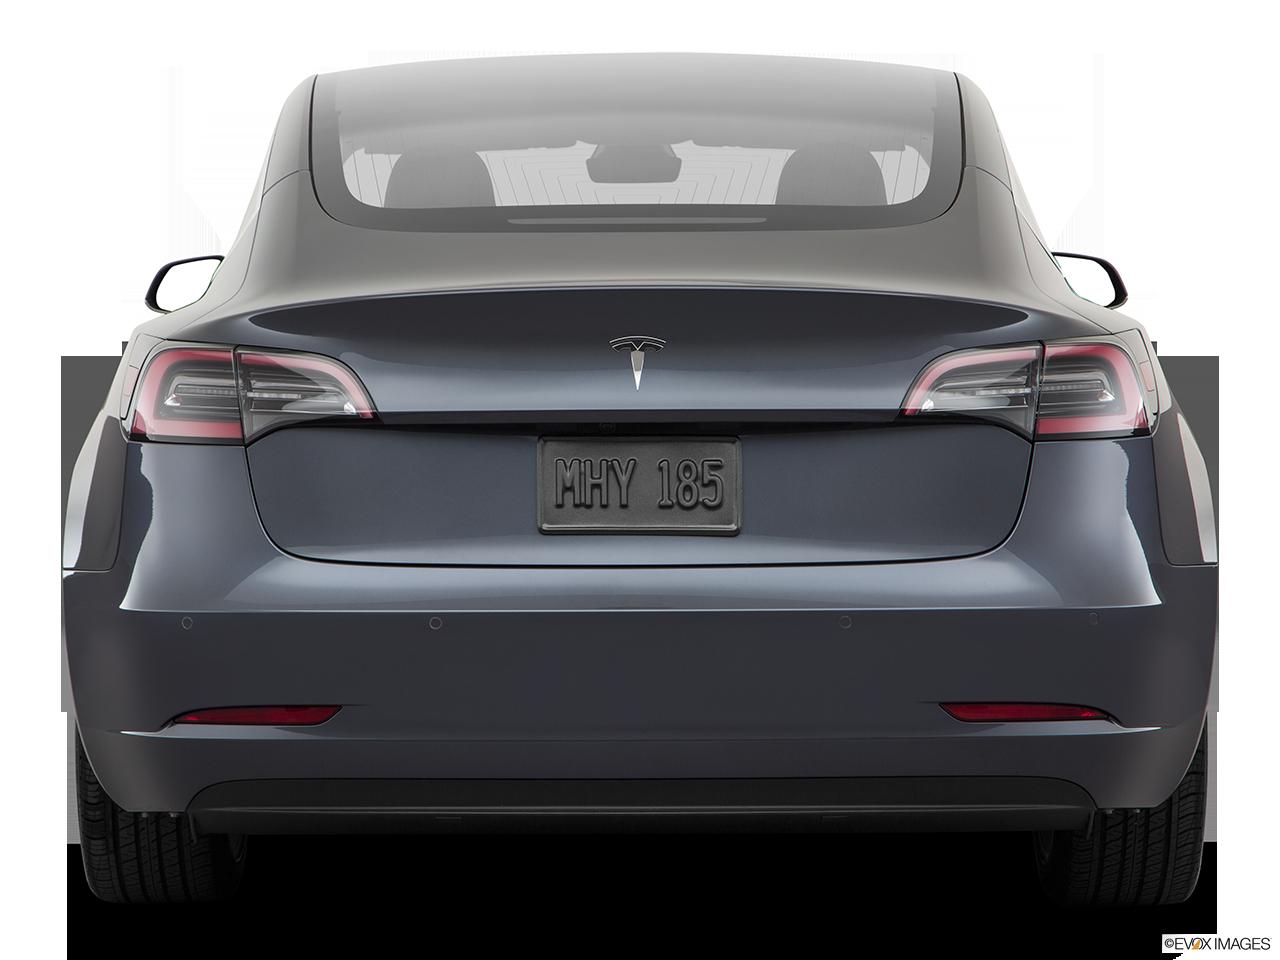 2019 Tesla Model 3 photo